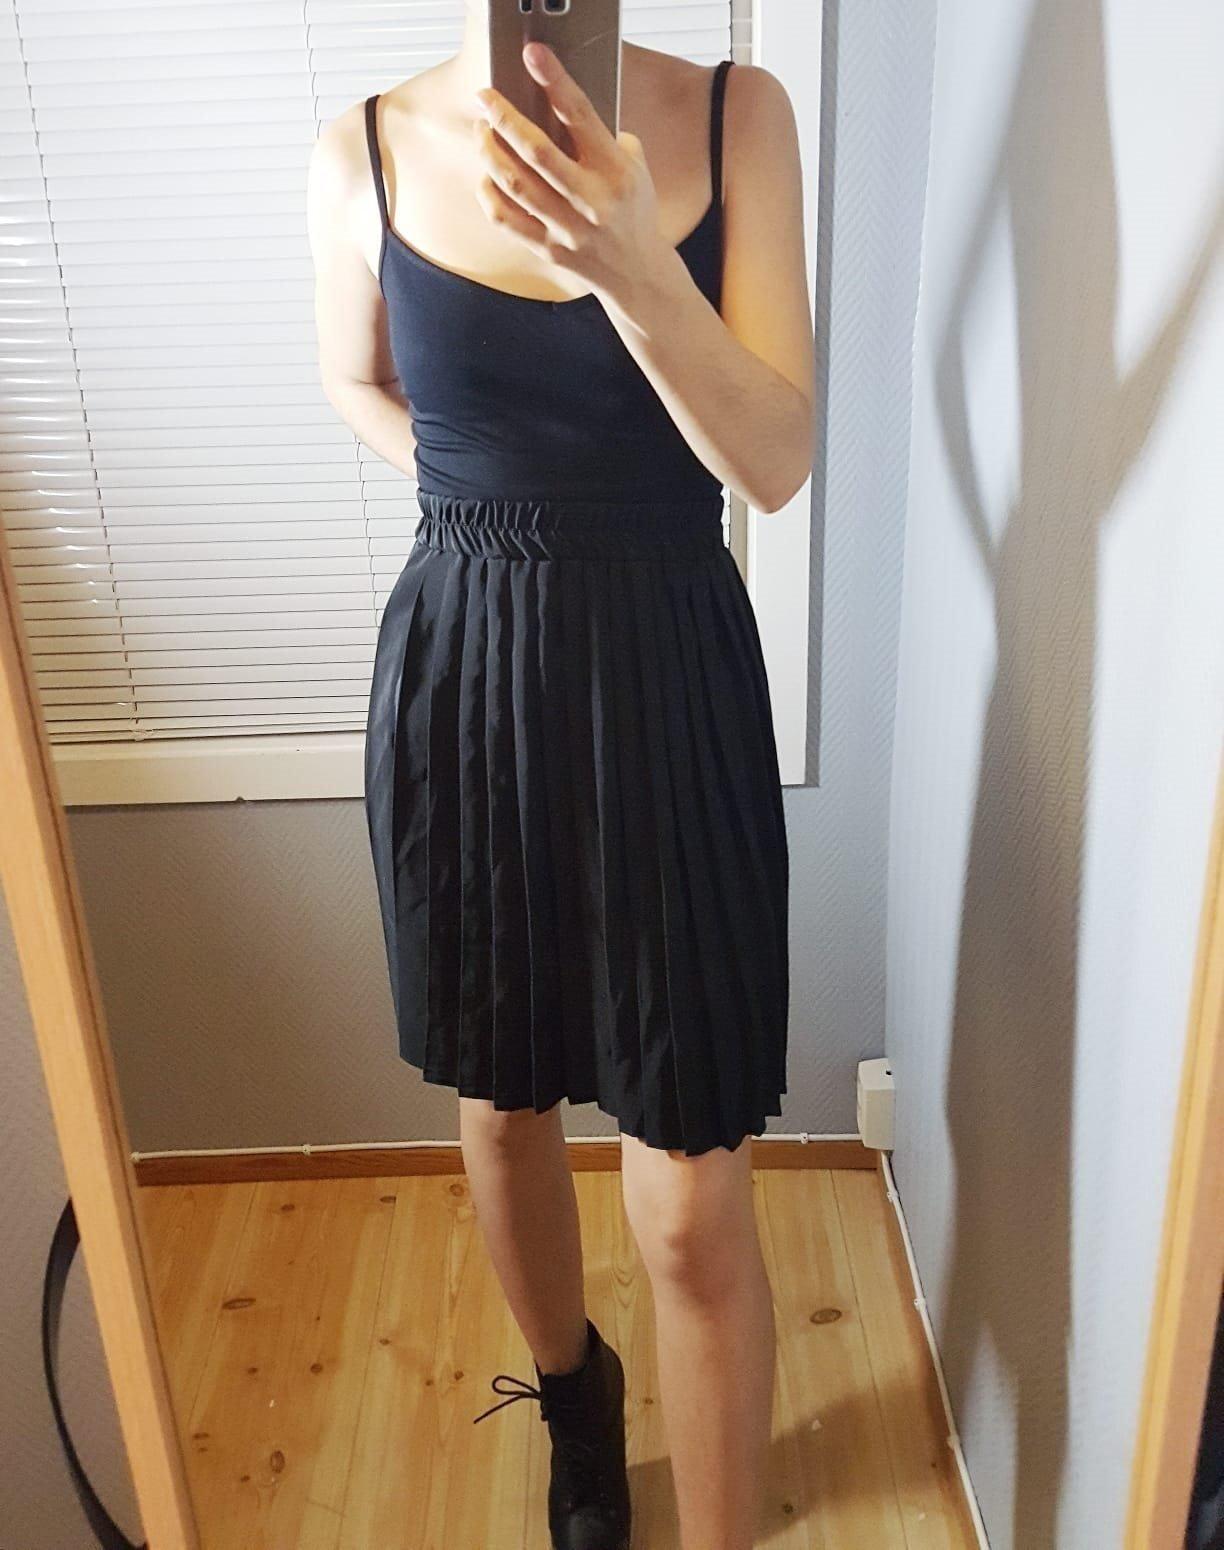 f8674357612d Vintage 50-tal stuk räfflad kjol retro (345671529) ᐈ Köp på Tradera